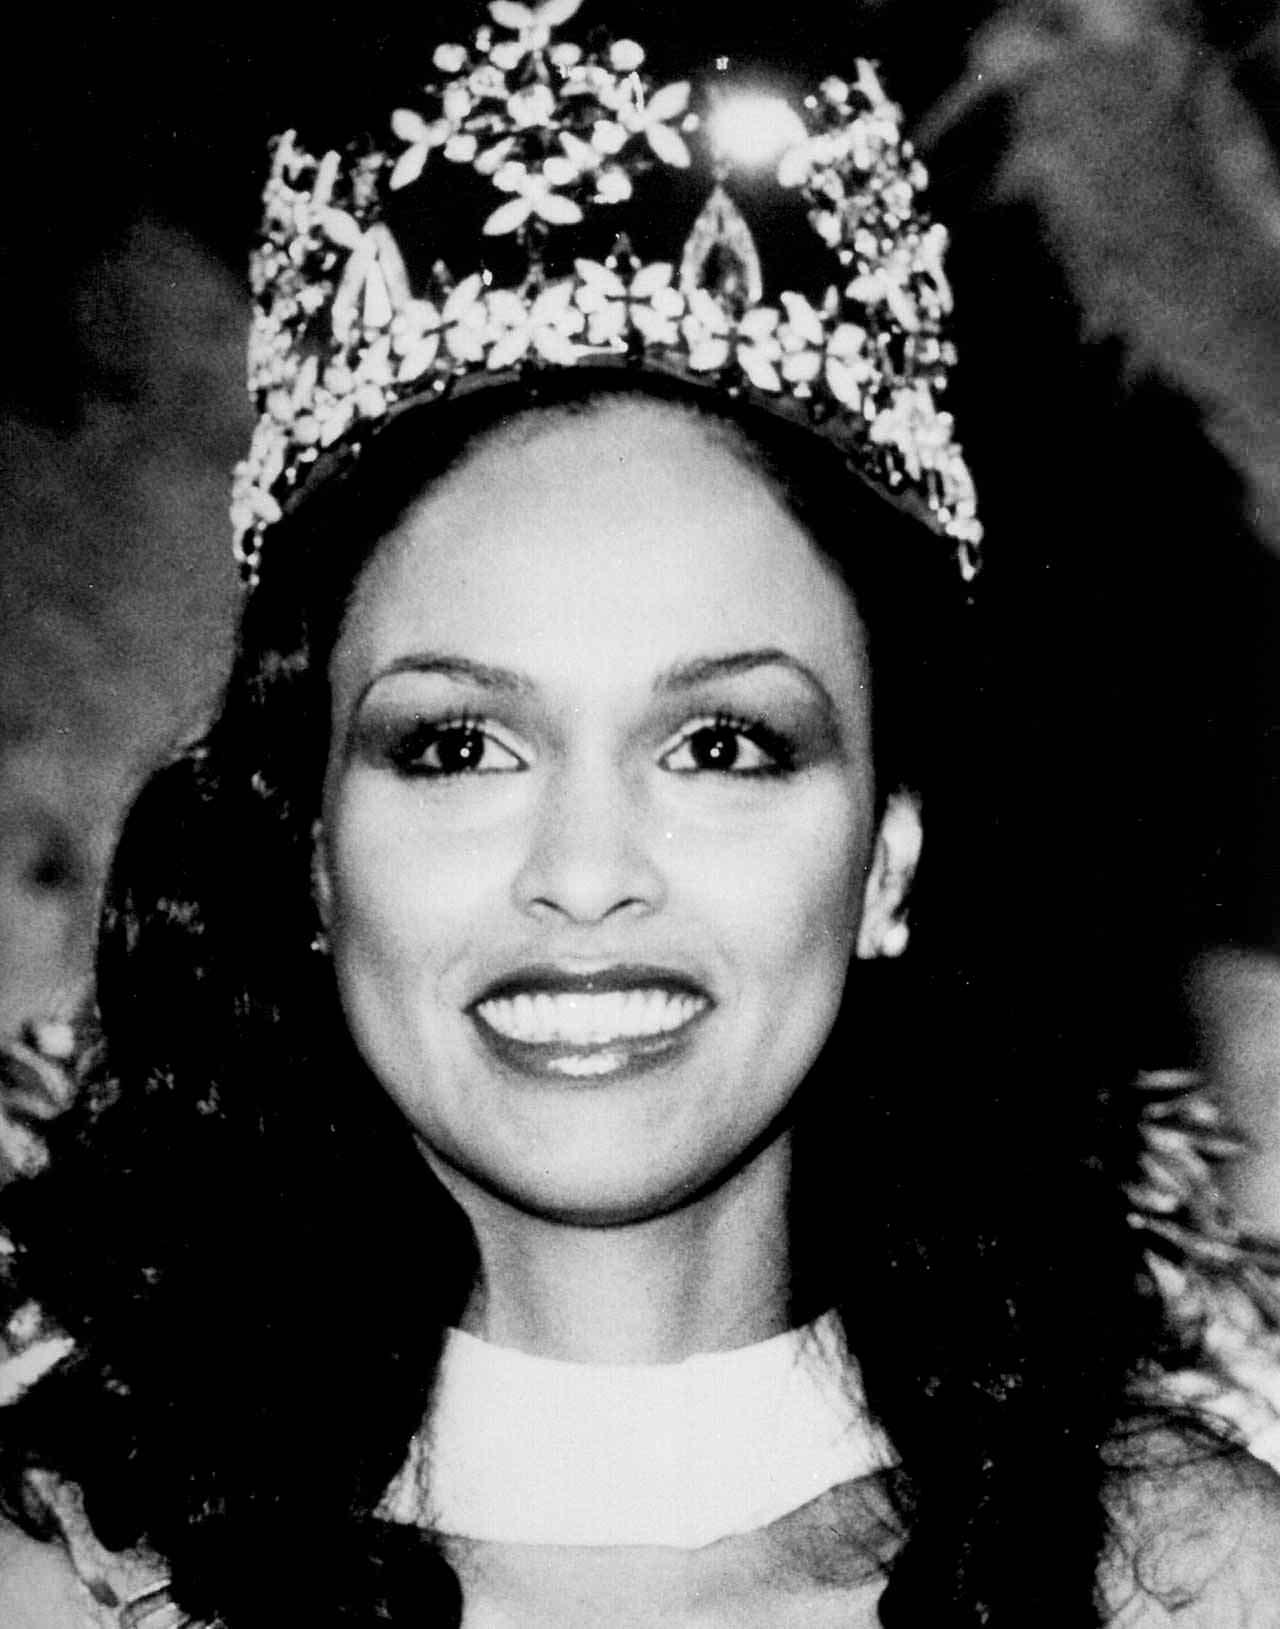 Фото   Мисс Мира 1979 года Джина Свейнсон